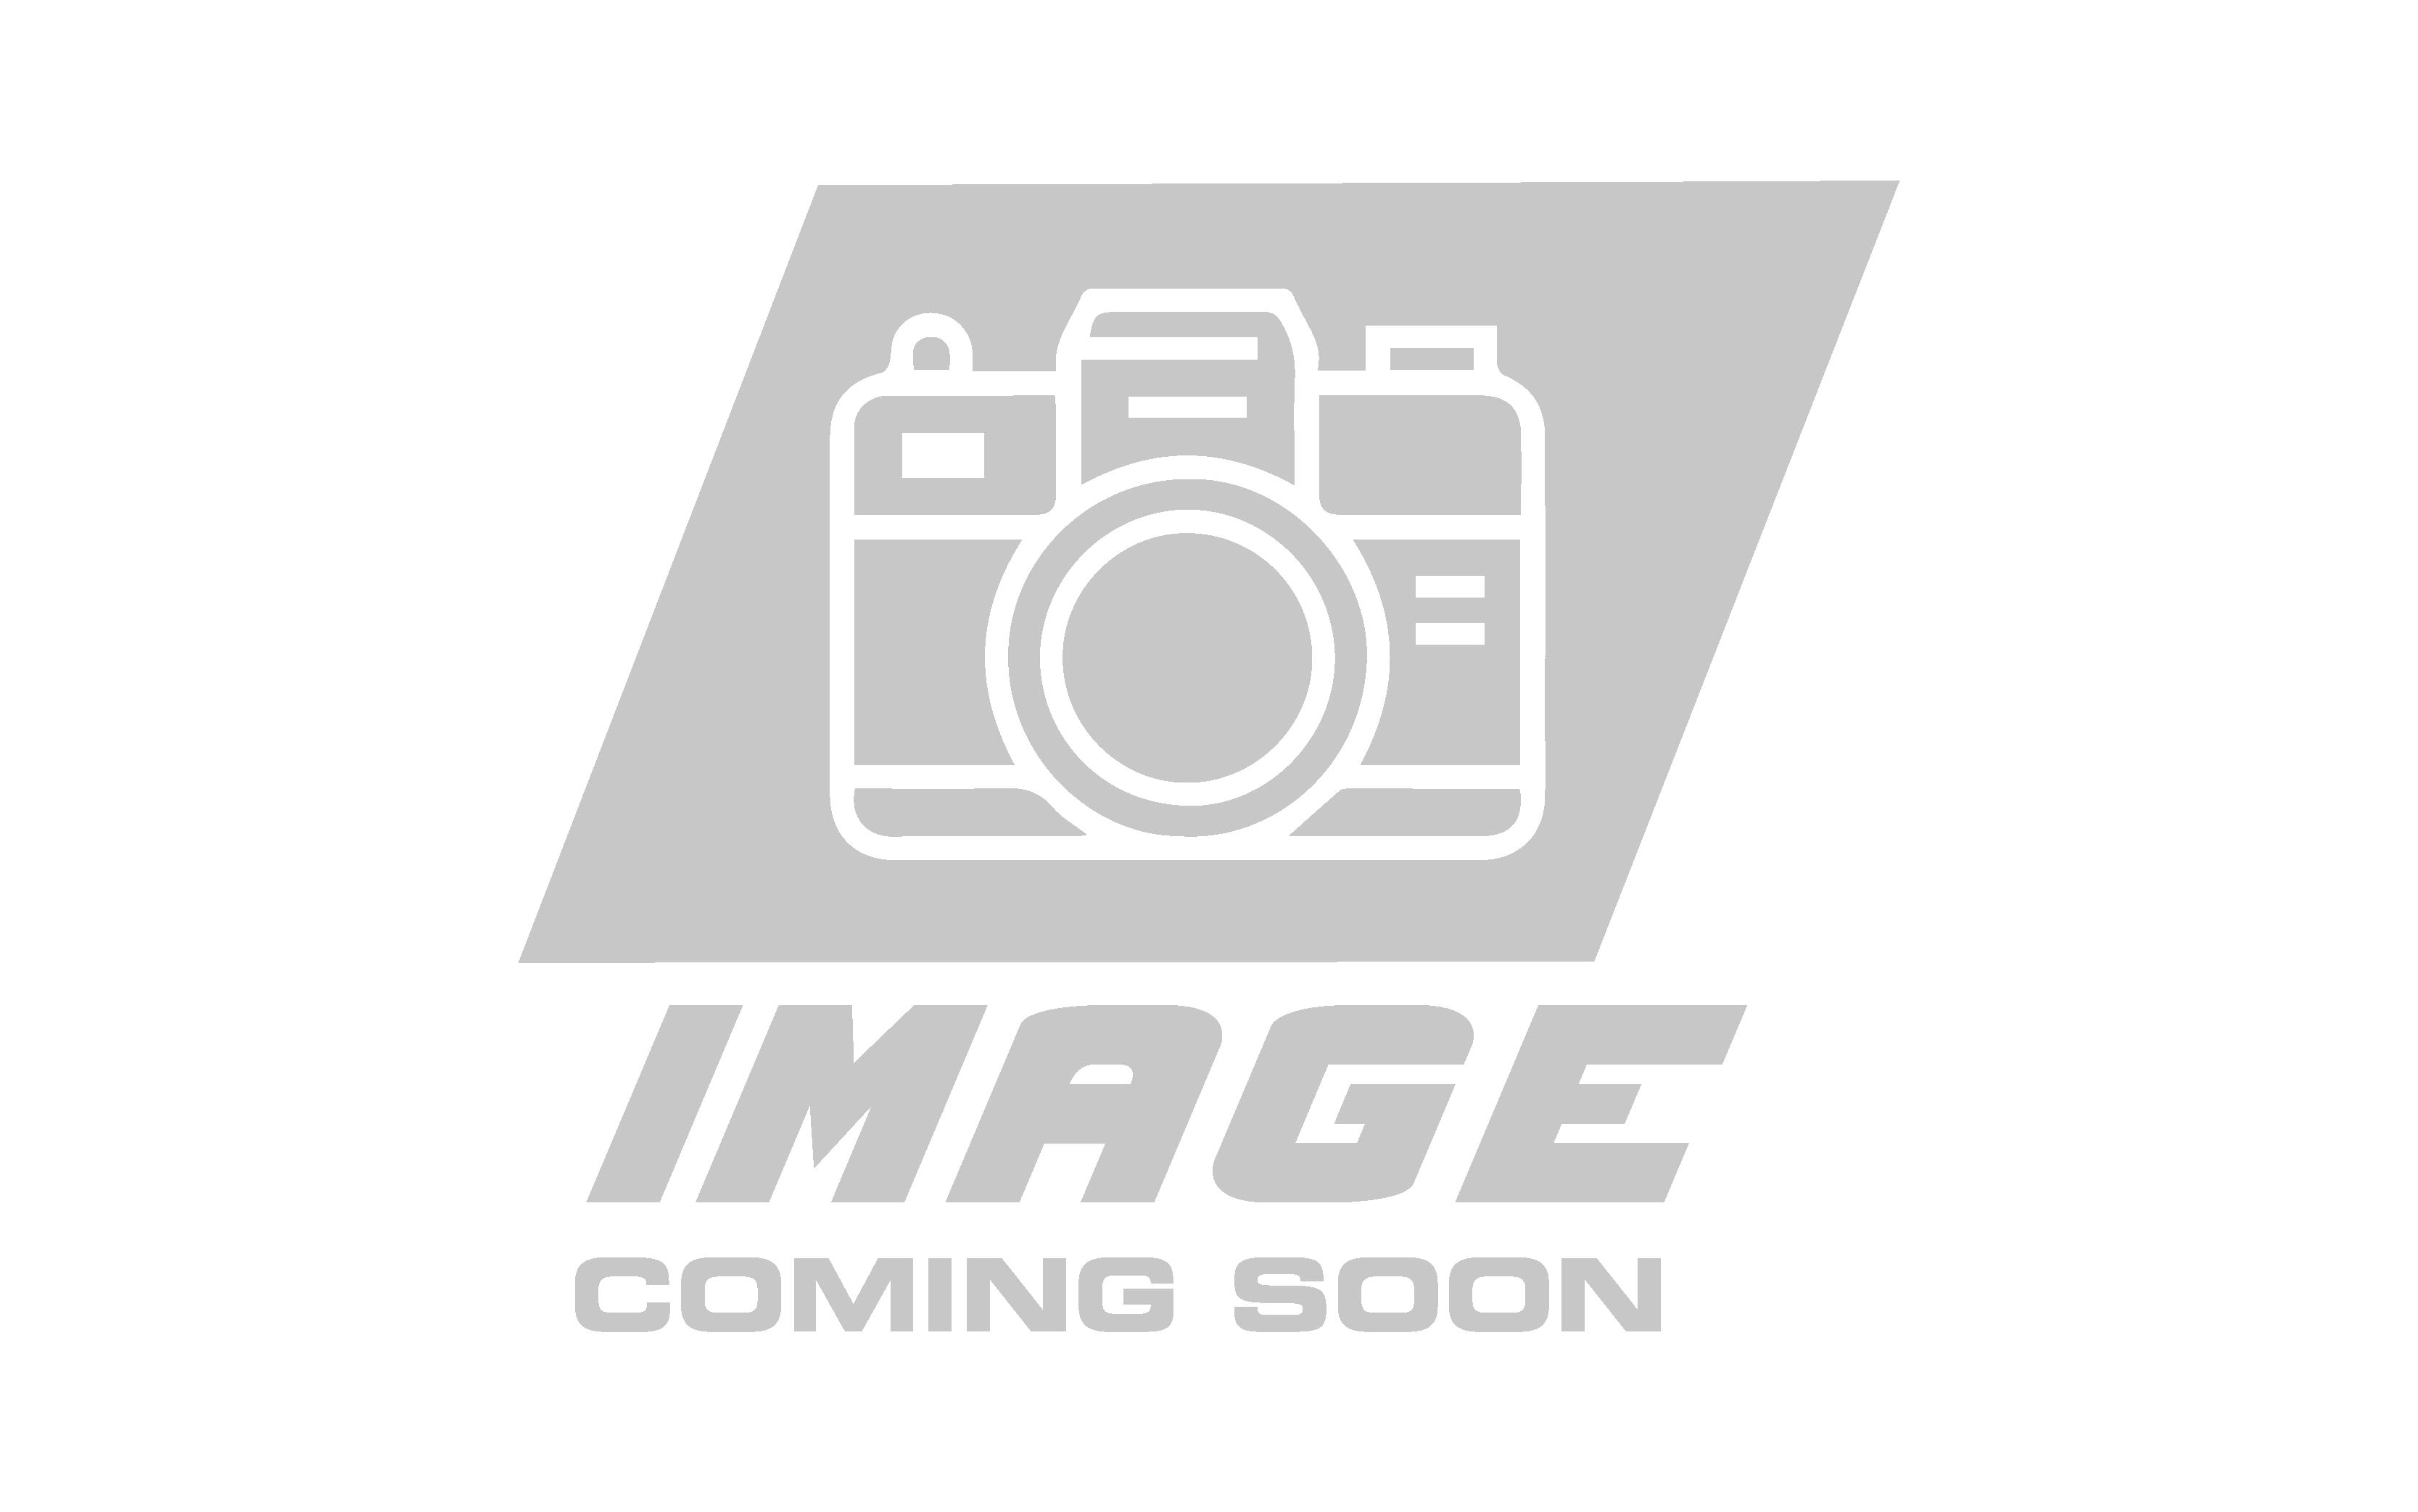 dodge_ram_2500_air_lift_loadlifter_5000_ultimate_rear_kit_88289